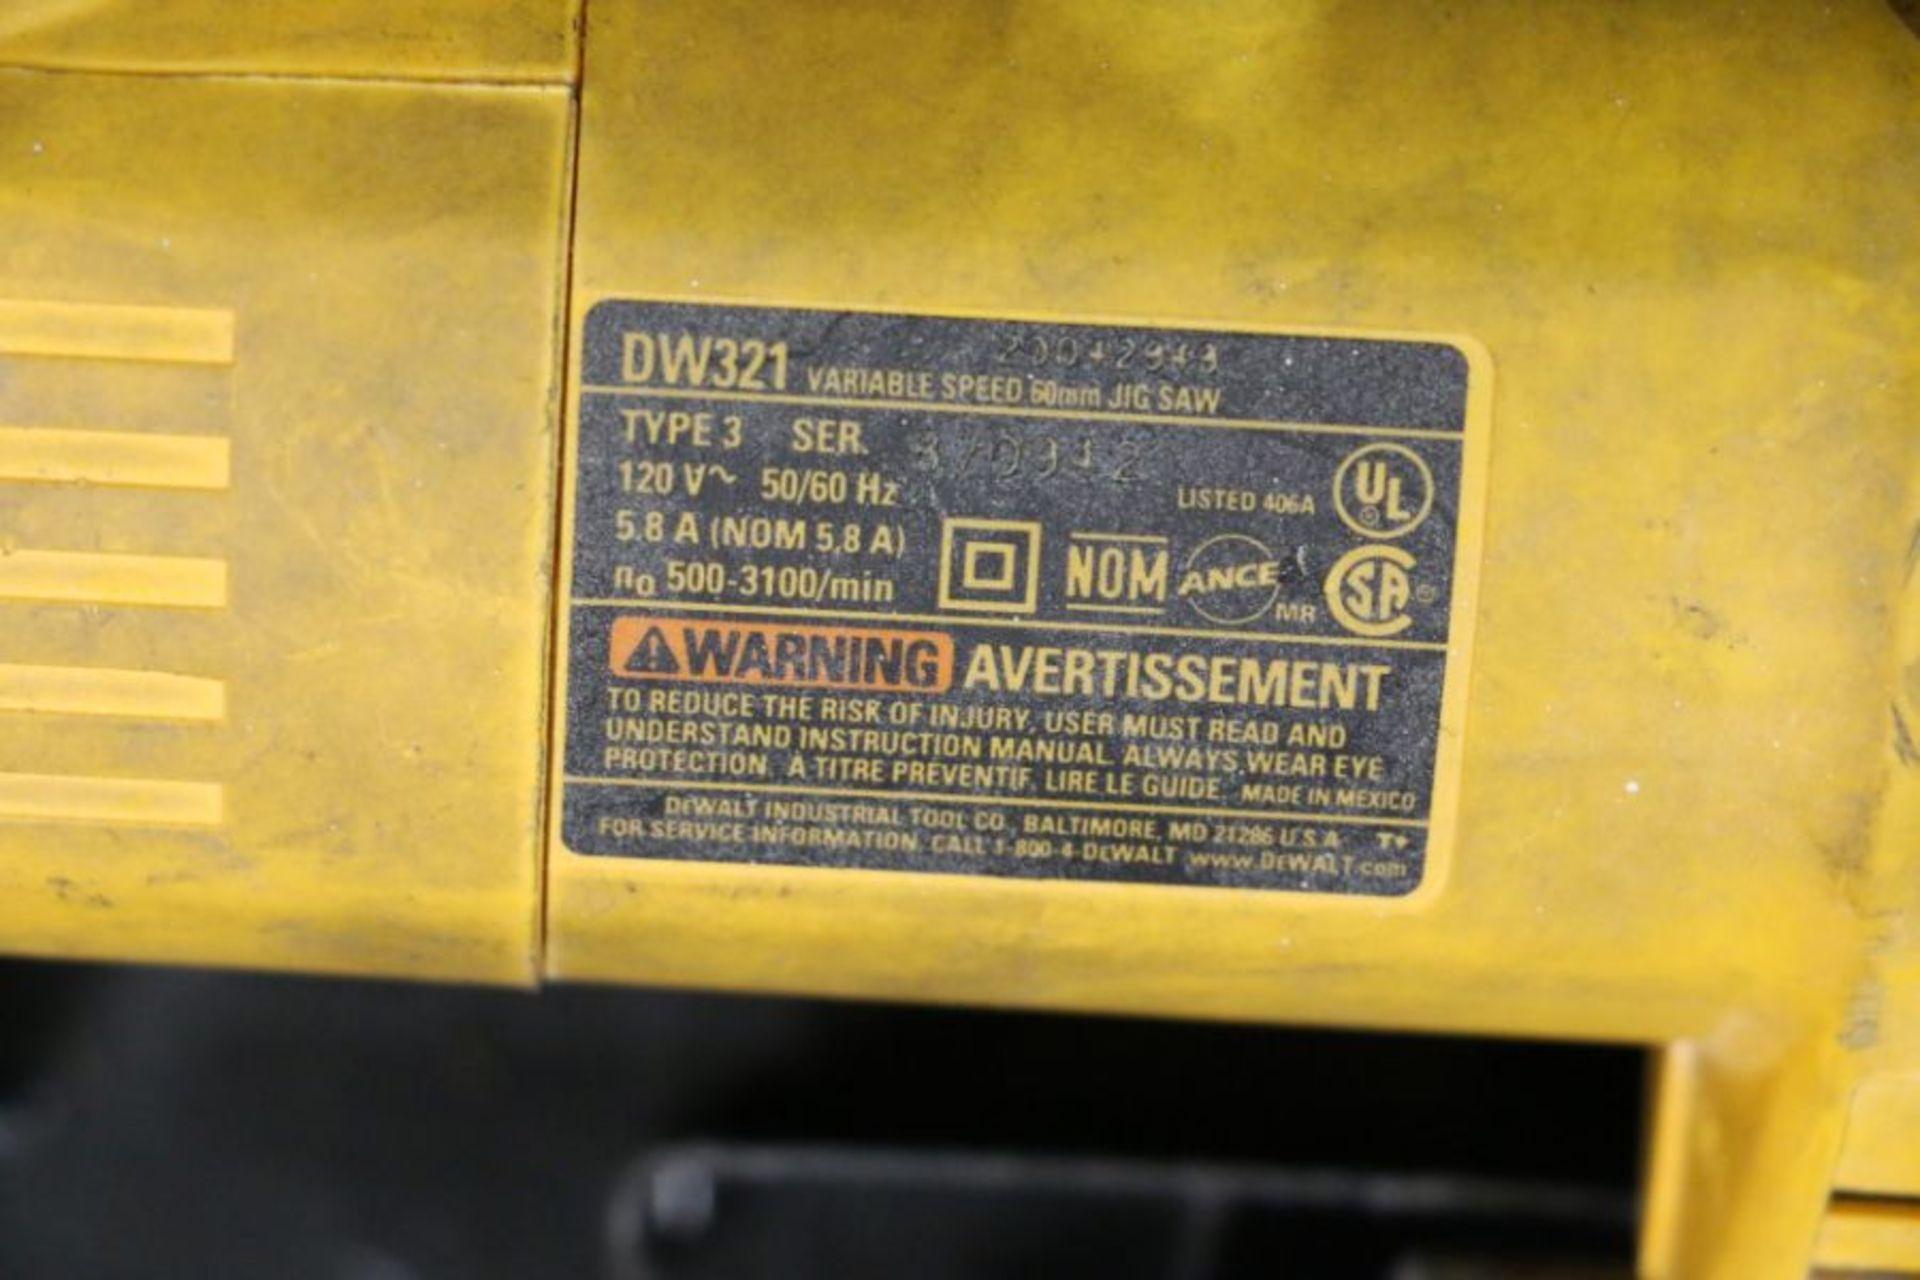 Dewalt DW321 Variable Speed 60mm Jig Saw - Image 4 of 4